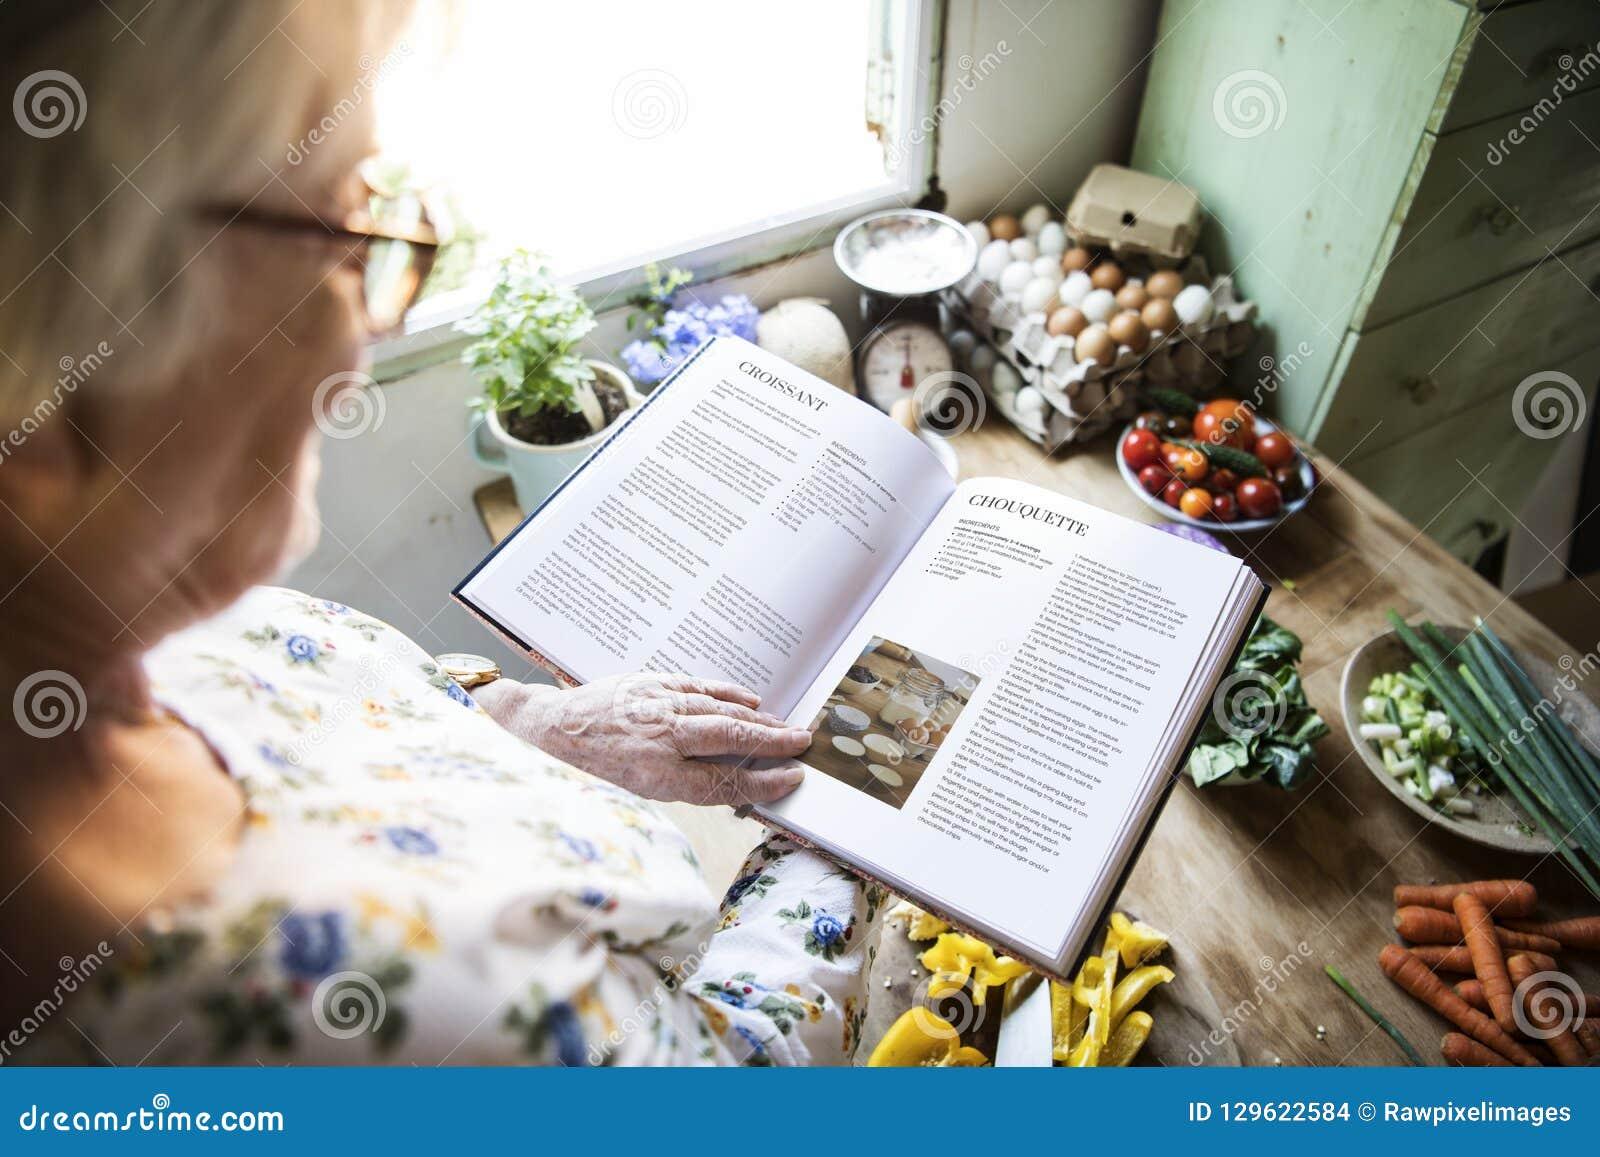 Szczęśliwa starsza kobieta czyta książkę kucharska